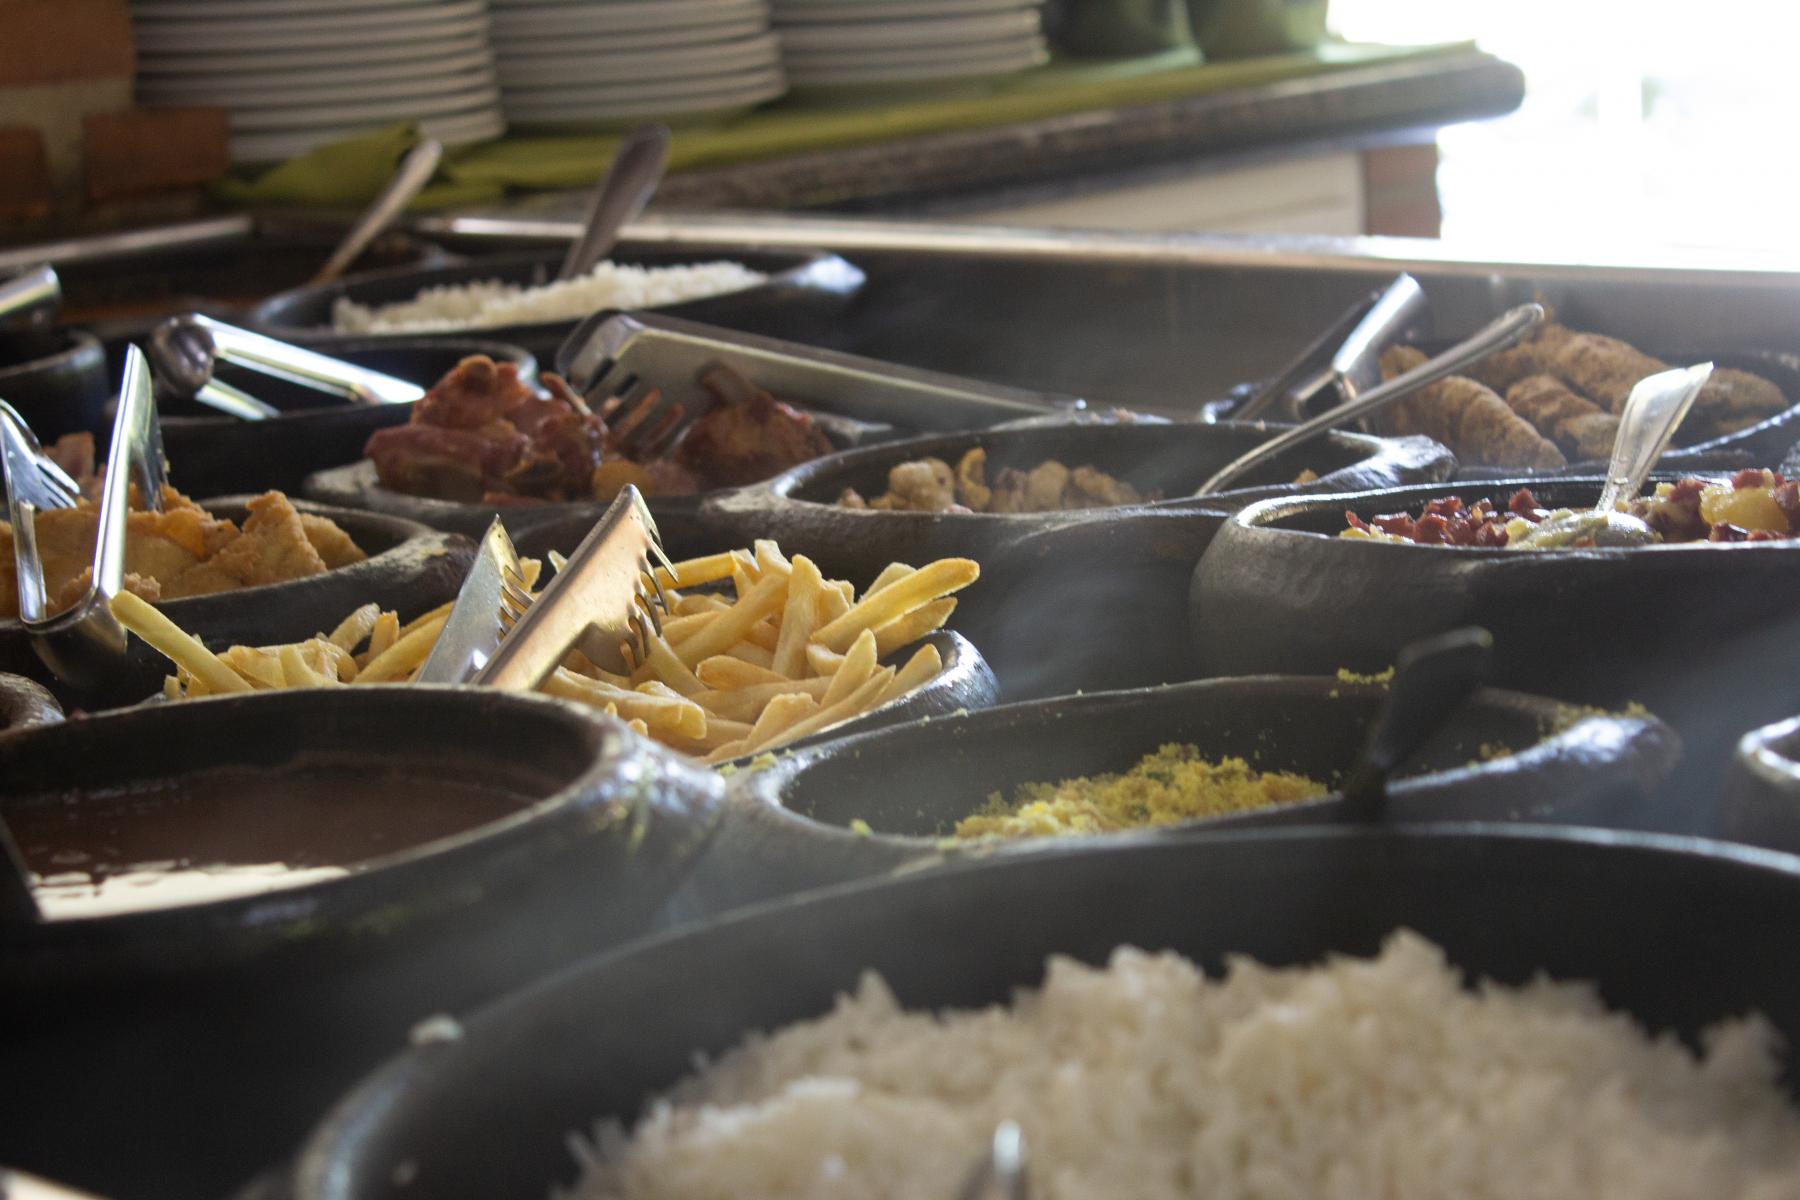 Matbufeet med blant annet ris, pommes frites, kjøtt, i forskjellige beholdere i et varmeskap